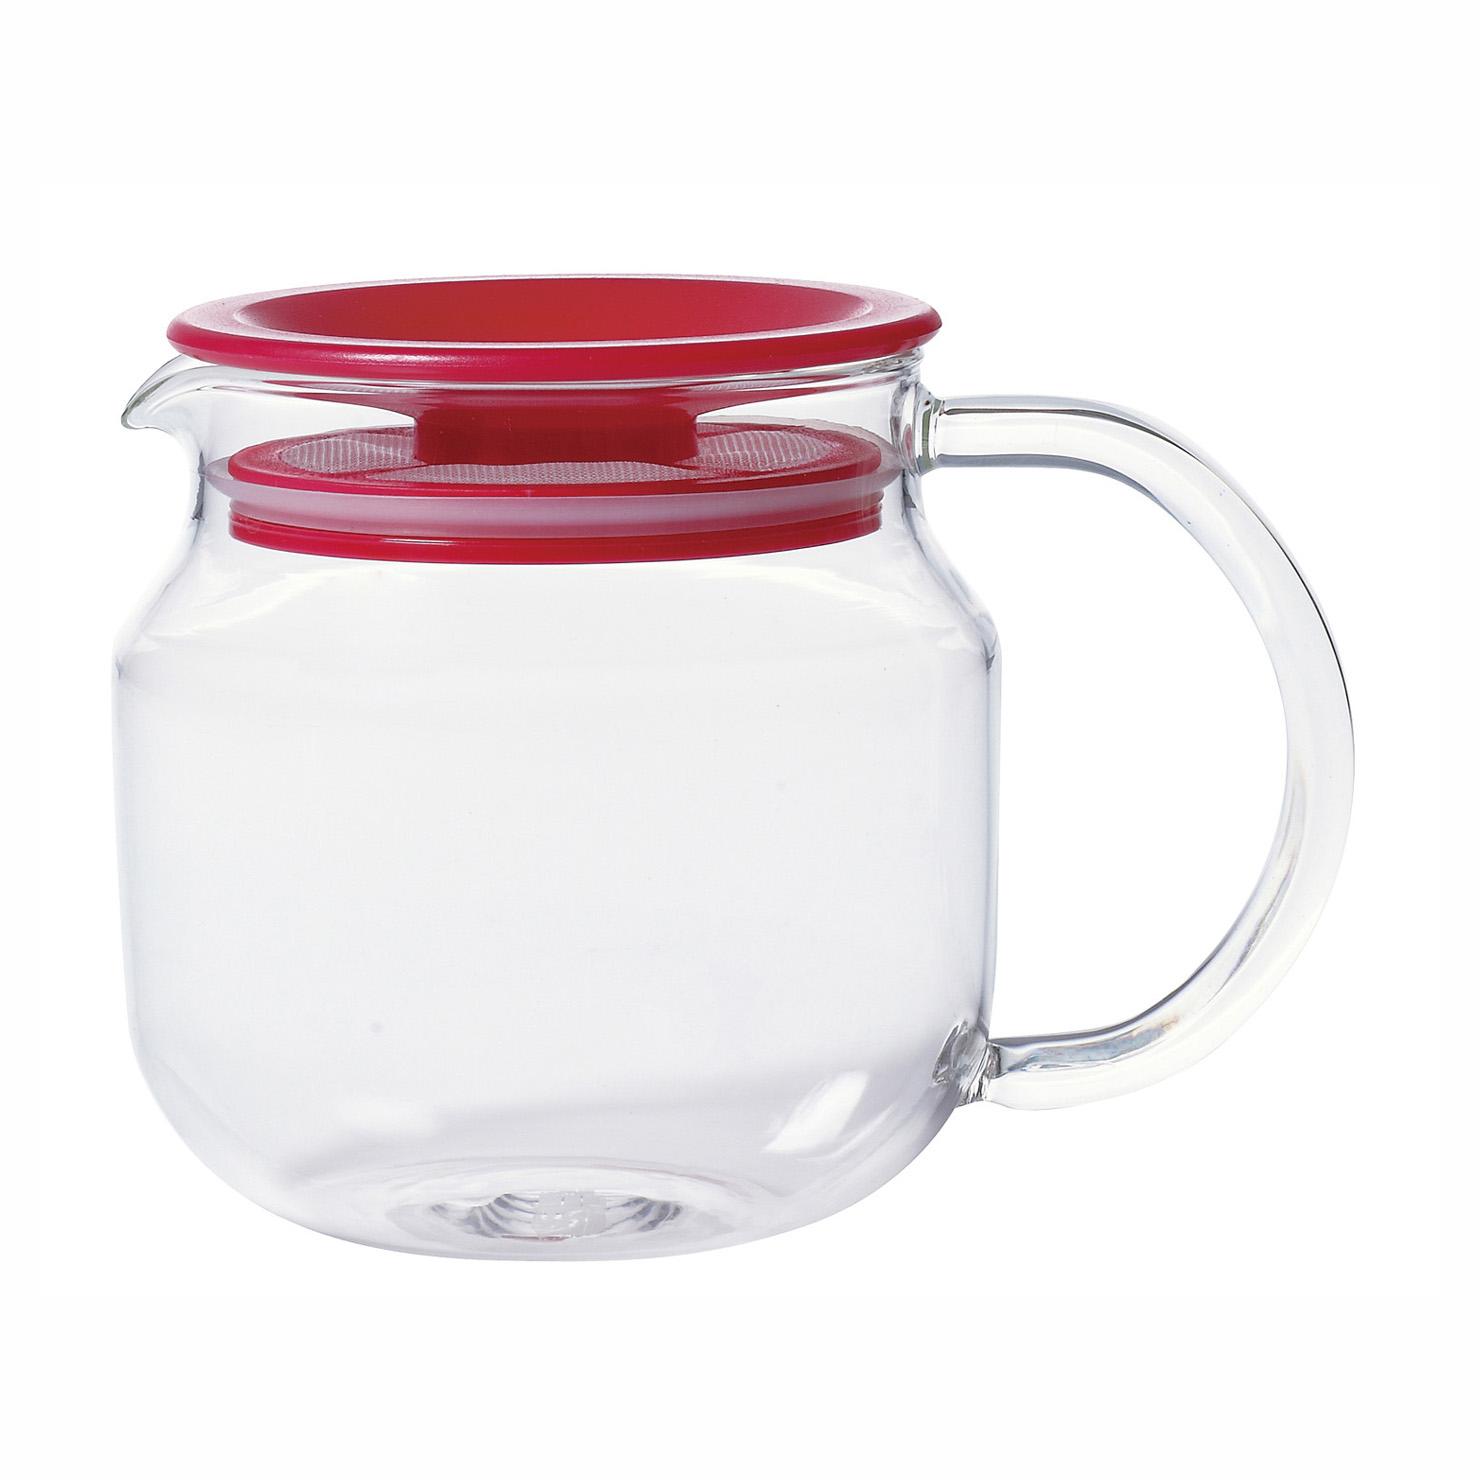 ЧайникЧайники<br>KINTO – одна из самых востребованных и популярных японских марок посуды. Кружки, чайники, емкости для заваривания чая, соковыжималки отличаются высокой прочностью, надежностью, отсутствием сколов, стойкостью к царапинам и механическим повреждениям. Именно это сделало KINTO лидером современного рынка практичной посуды.<br>Чайник выполнен из высококачественного экологически чистого стекла, произведенного по современной японской технологии. Имеет герметично закрывающуюся пластмассовую крышку, что позволяет сделать его использование более комфортным и легким. Объем чайника - 450 мл.<br><br>Material: Стекло